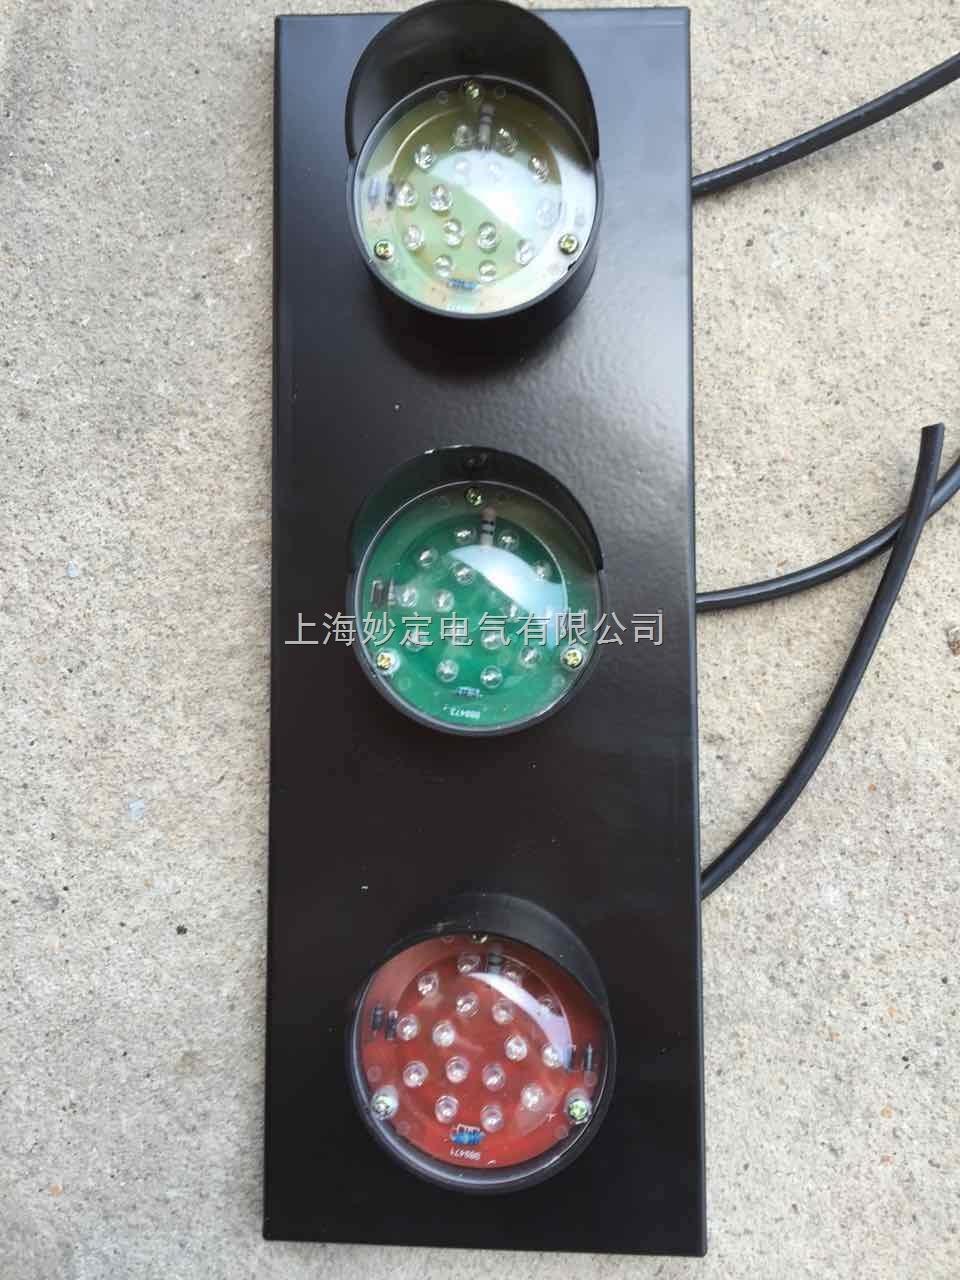 妙定电气龙门吊电源指示灯